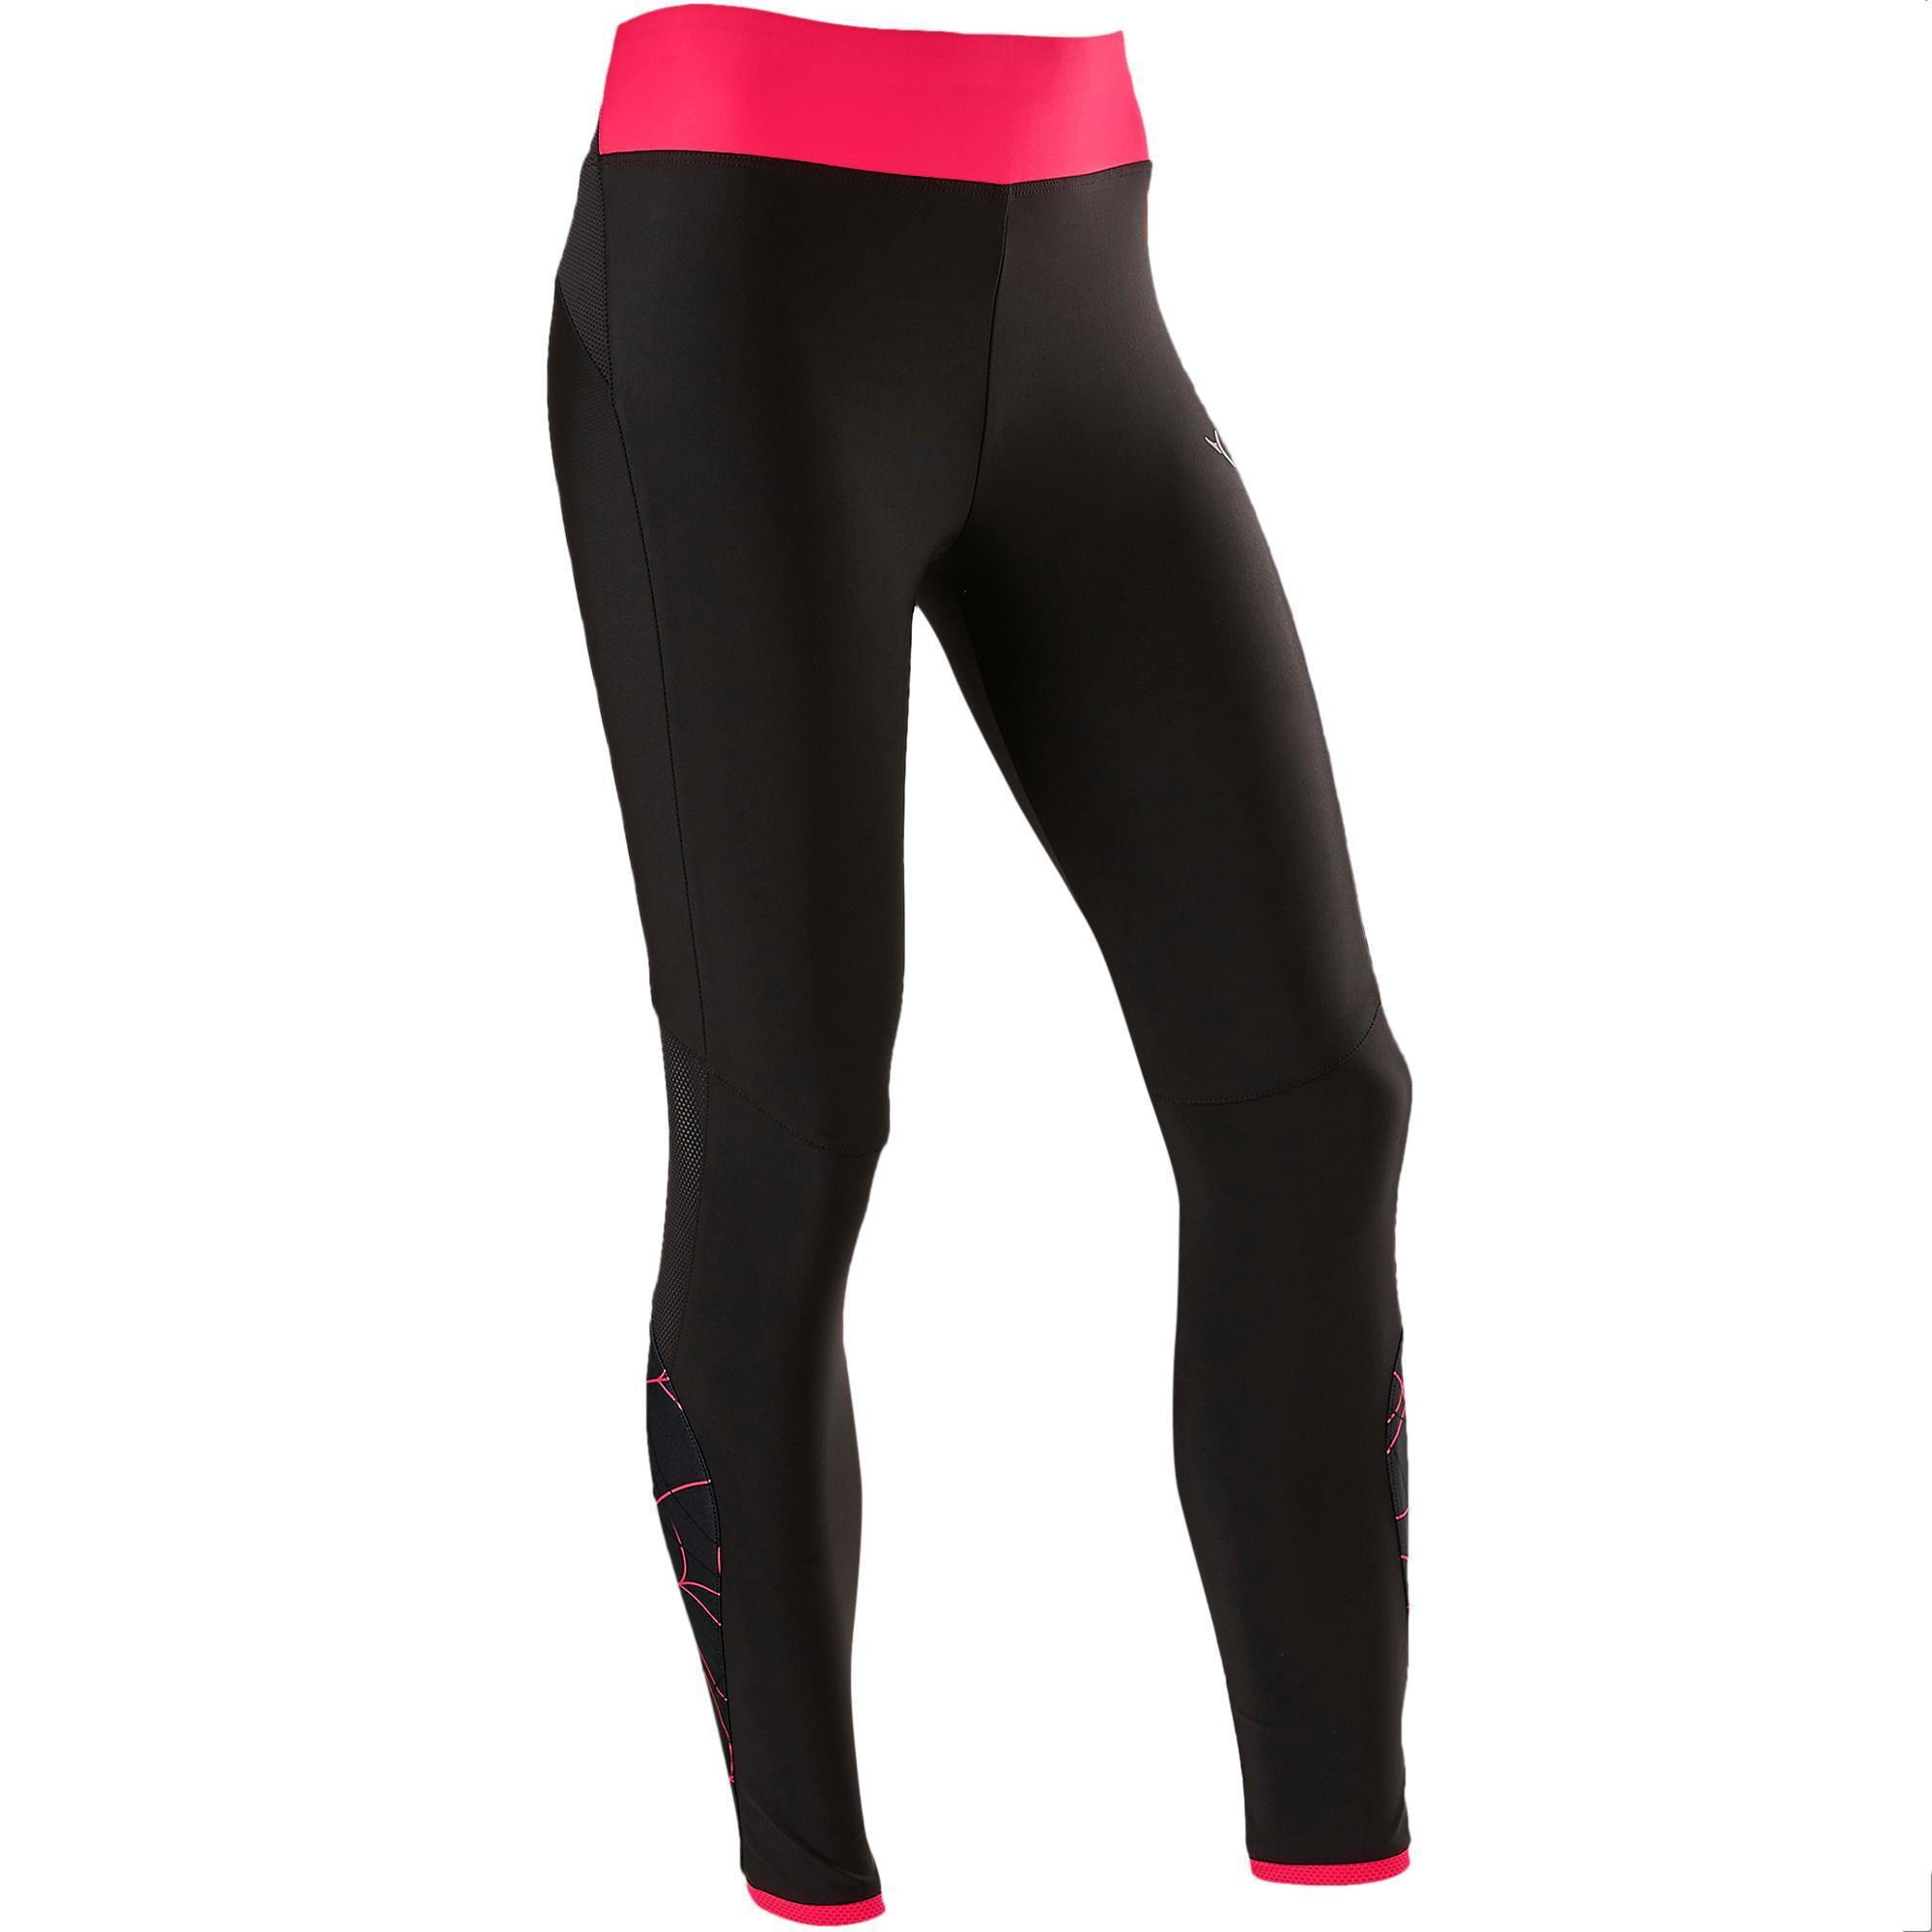 Domyos Ademende legging S900 meisjes GYM KINDEREN zwart rood